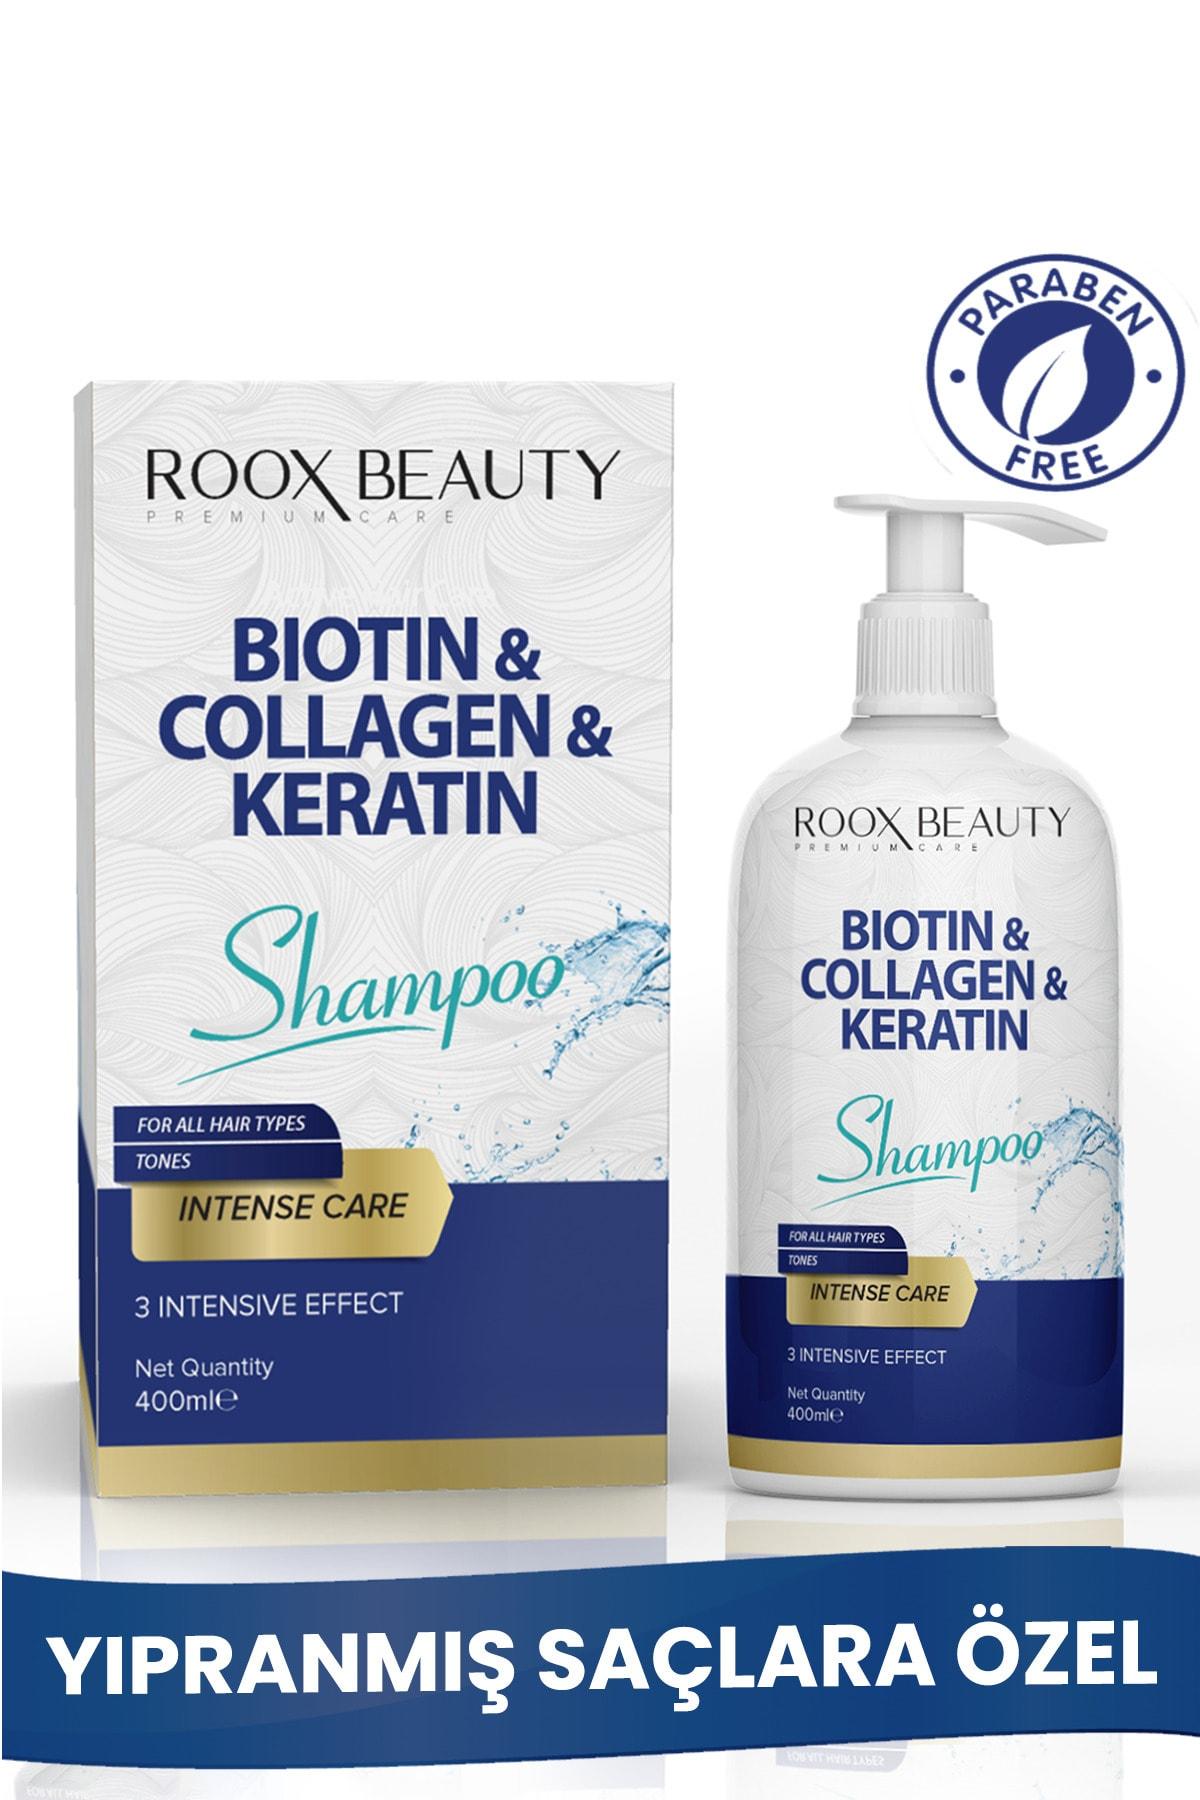 Biotin - Kolajen - Keratin Katkılı Yıpranmış Saçlara Özel Bakım Şampuanı 400 ml